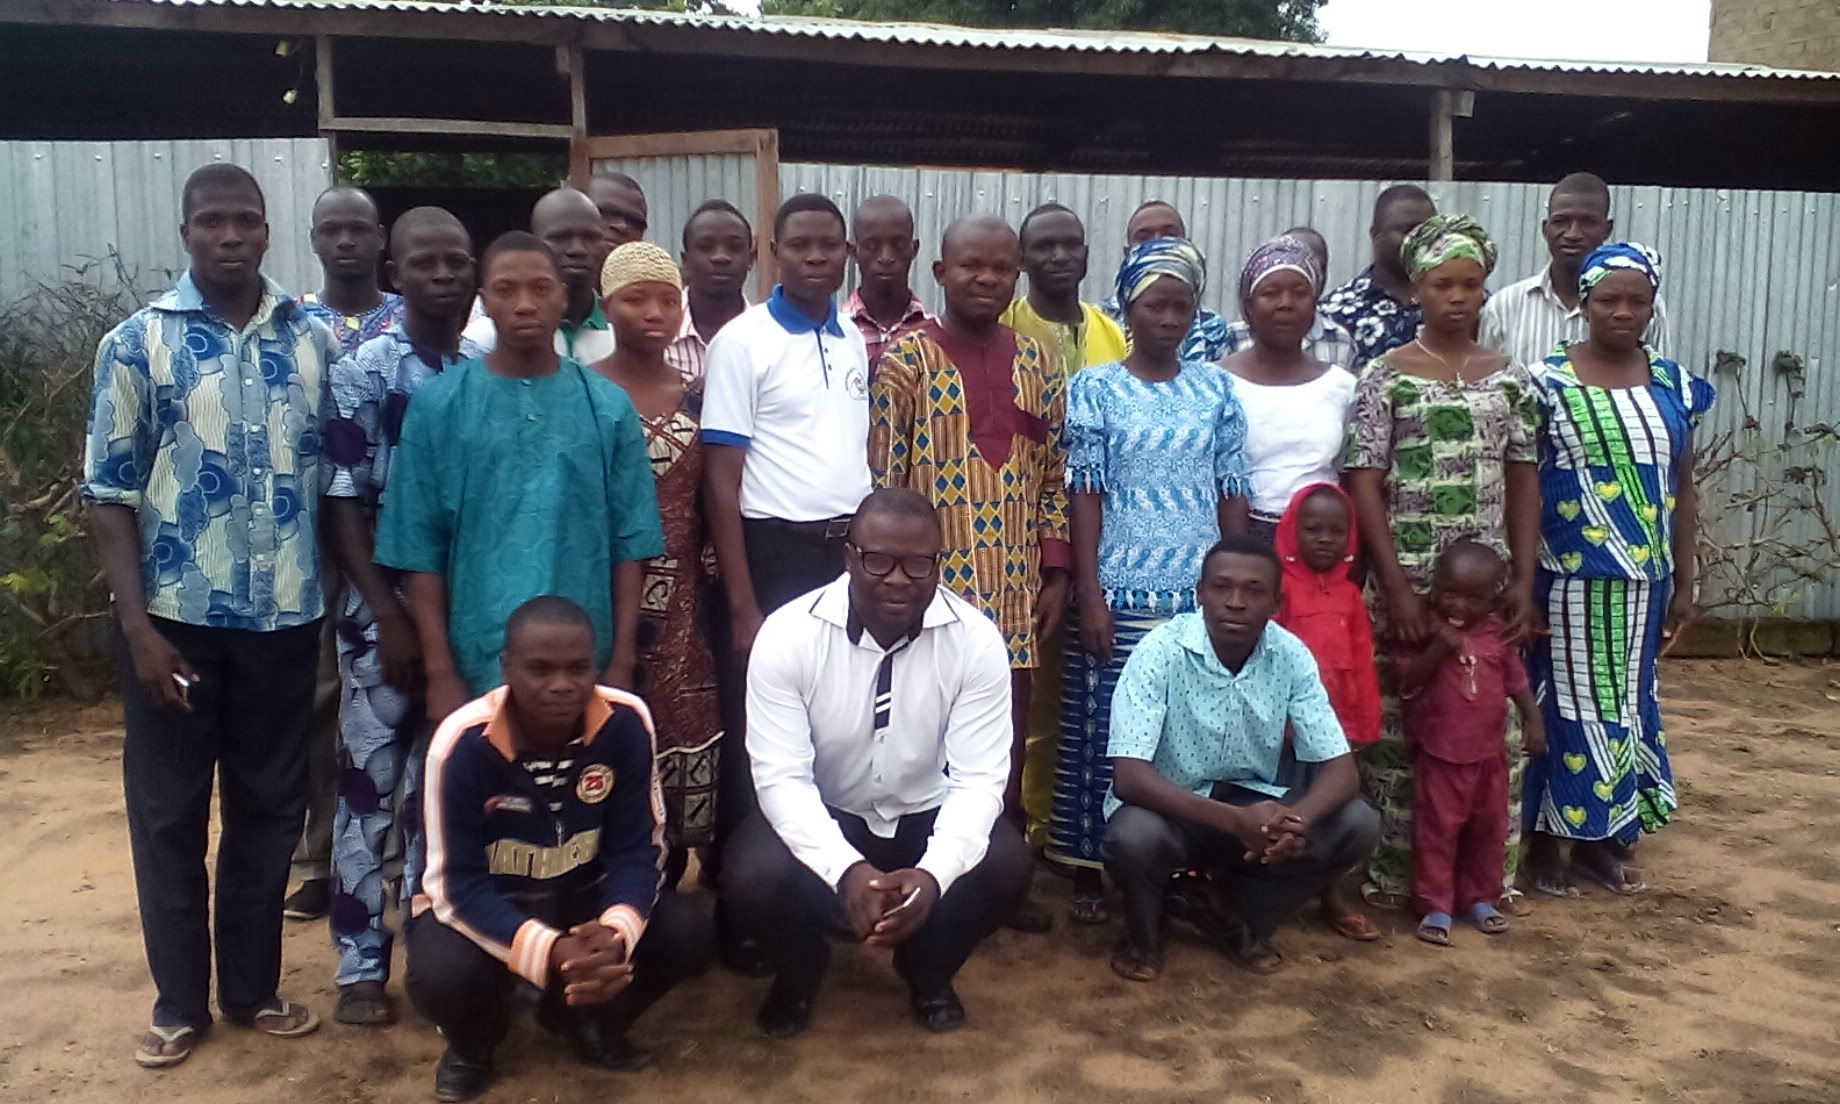 Wonderful family at Mission Évangélique de La Rédemption des Âmes, Parakou, République du Benin